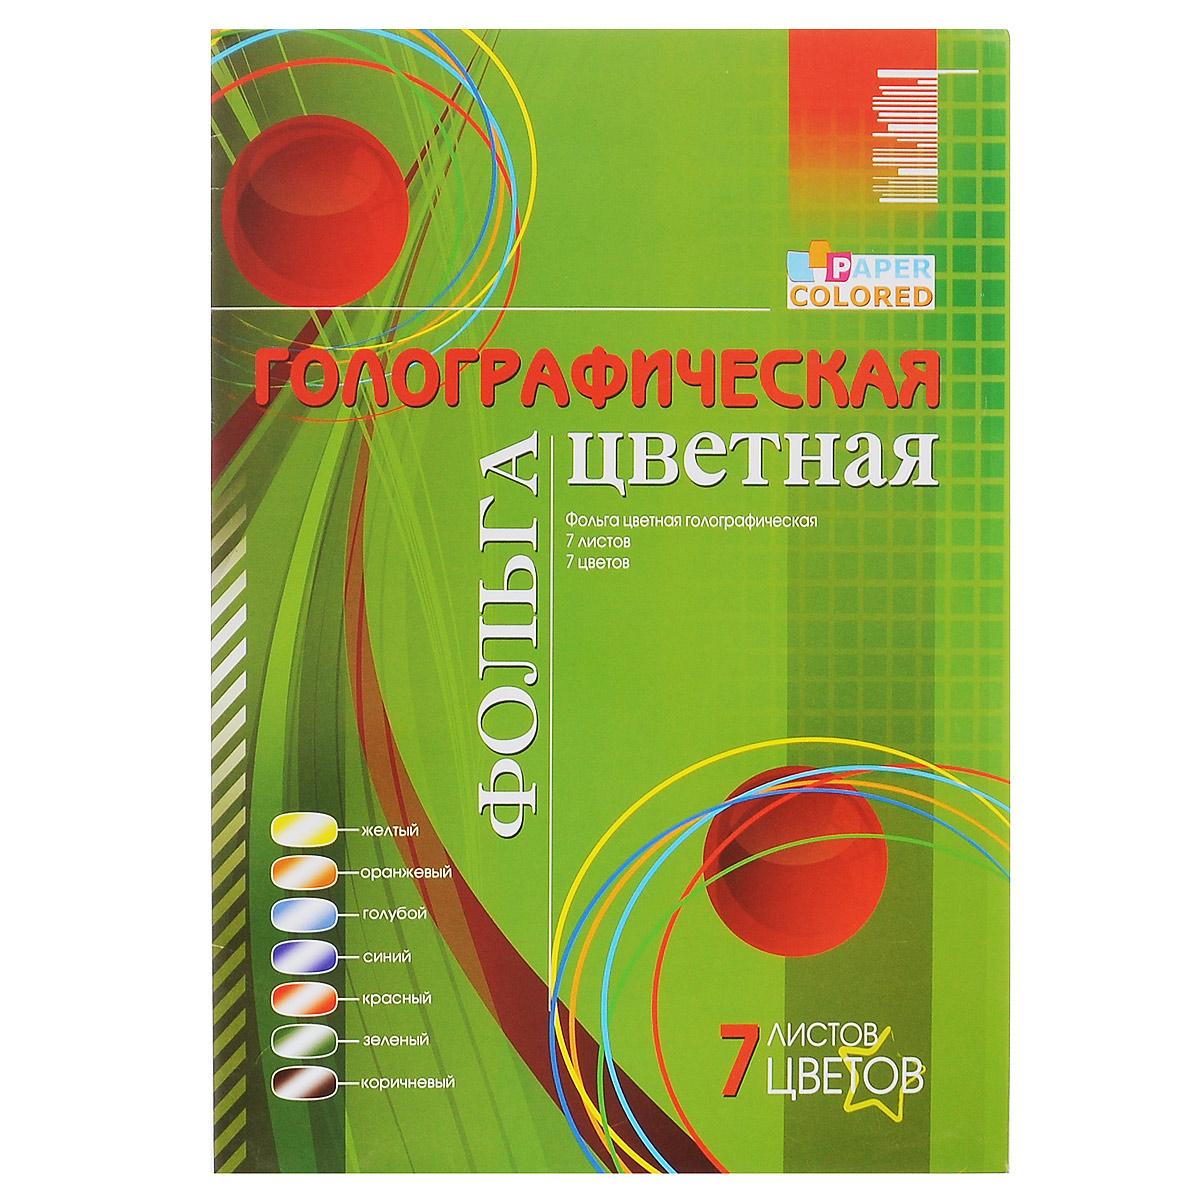 Набор цветной фольги Бриз, голографическая, 7 цветов. 1125-332PP15-CCPS24Набор цветной фольги Бриз позволит вам создавать всевозможные аппликации и поделки. Набор состоит из семи листов цветной голографической фольги: желтого, коричневого, оранжевого, голубого, синего, красного и зеленого цветов. Изделия из переливающейся фольги с изображением бабочек будут отличаться яркостью и оригинальностью! Создание поделок из цветной фольги - увлекательное времяпрепровождение, которое позволяет ребенку развивать творческие способности.